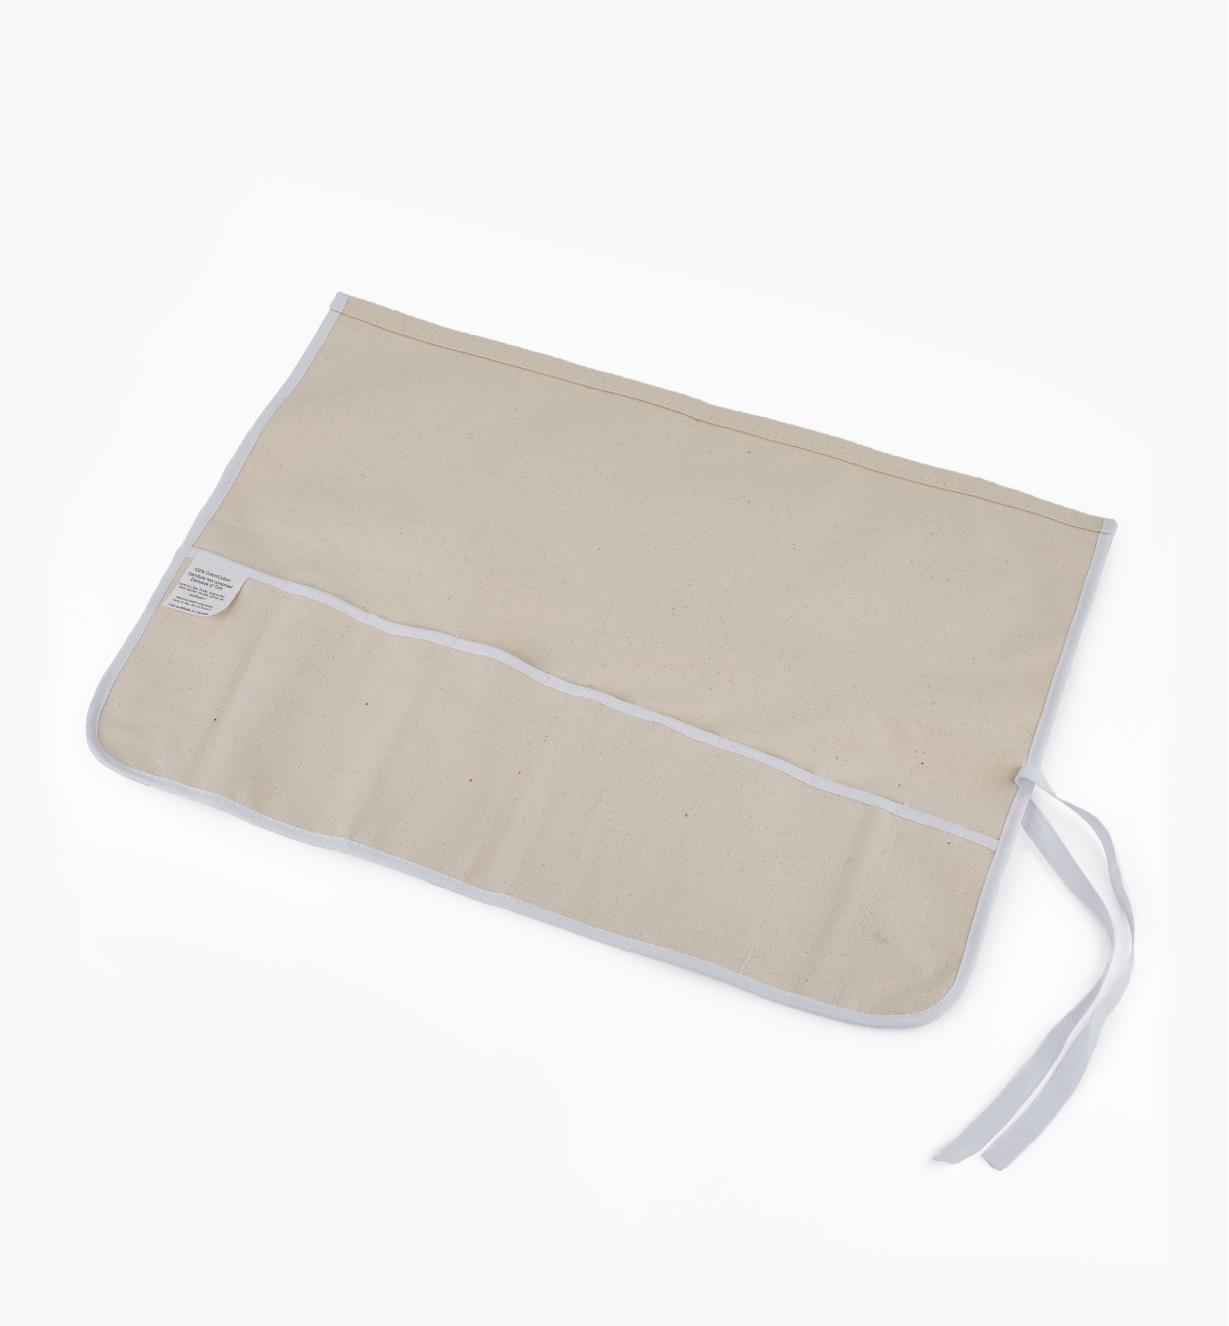 9-Pocket Canvas Roll